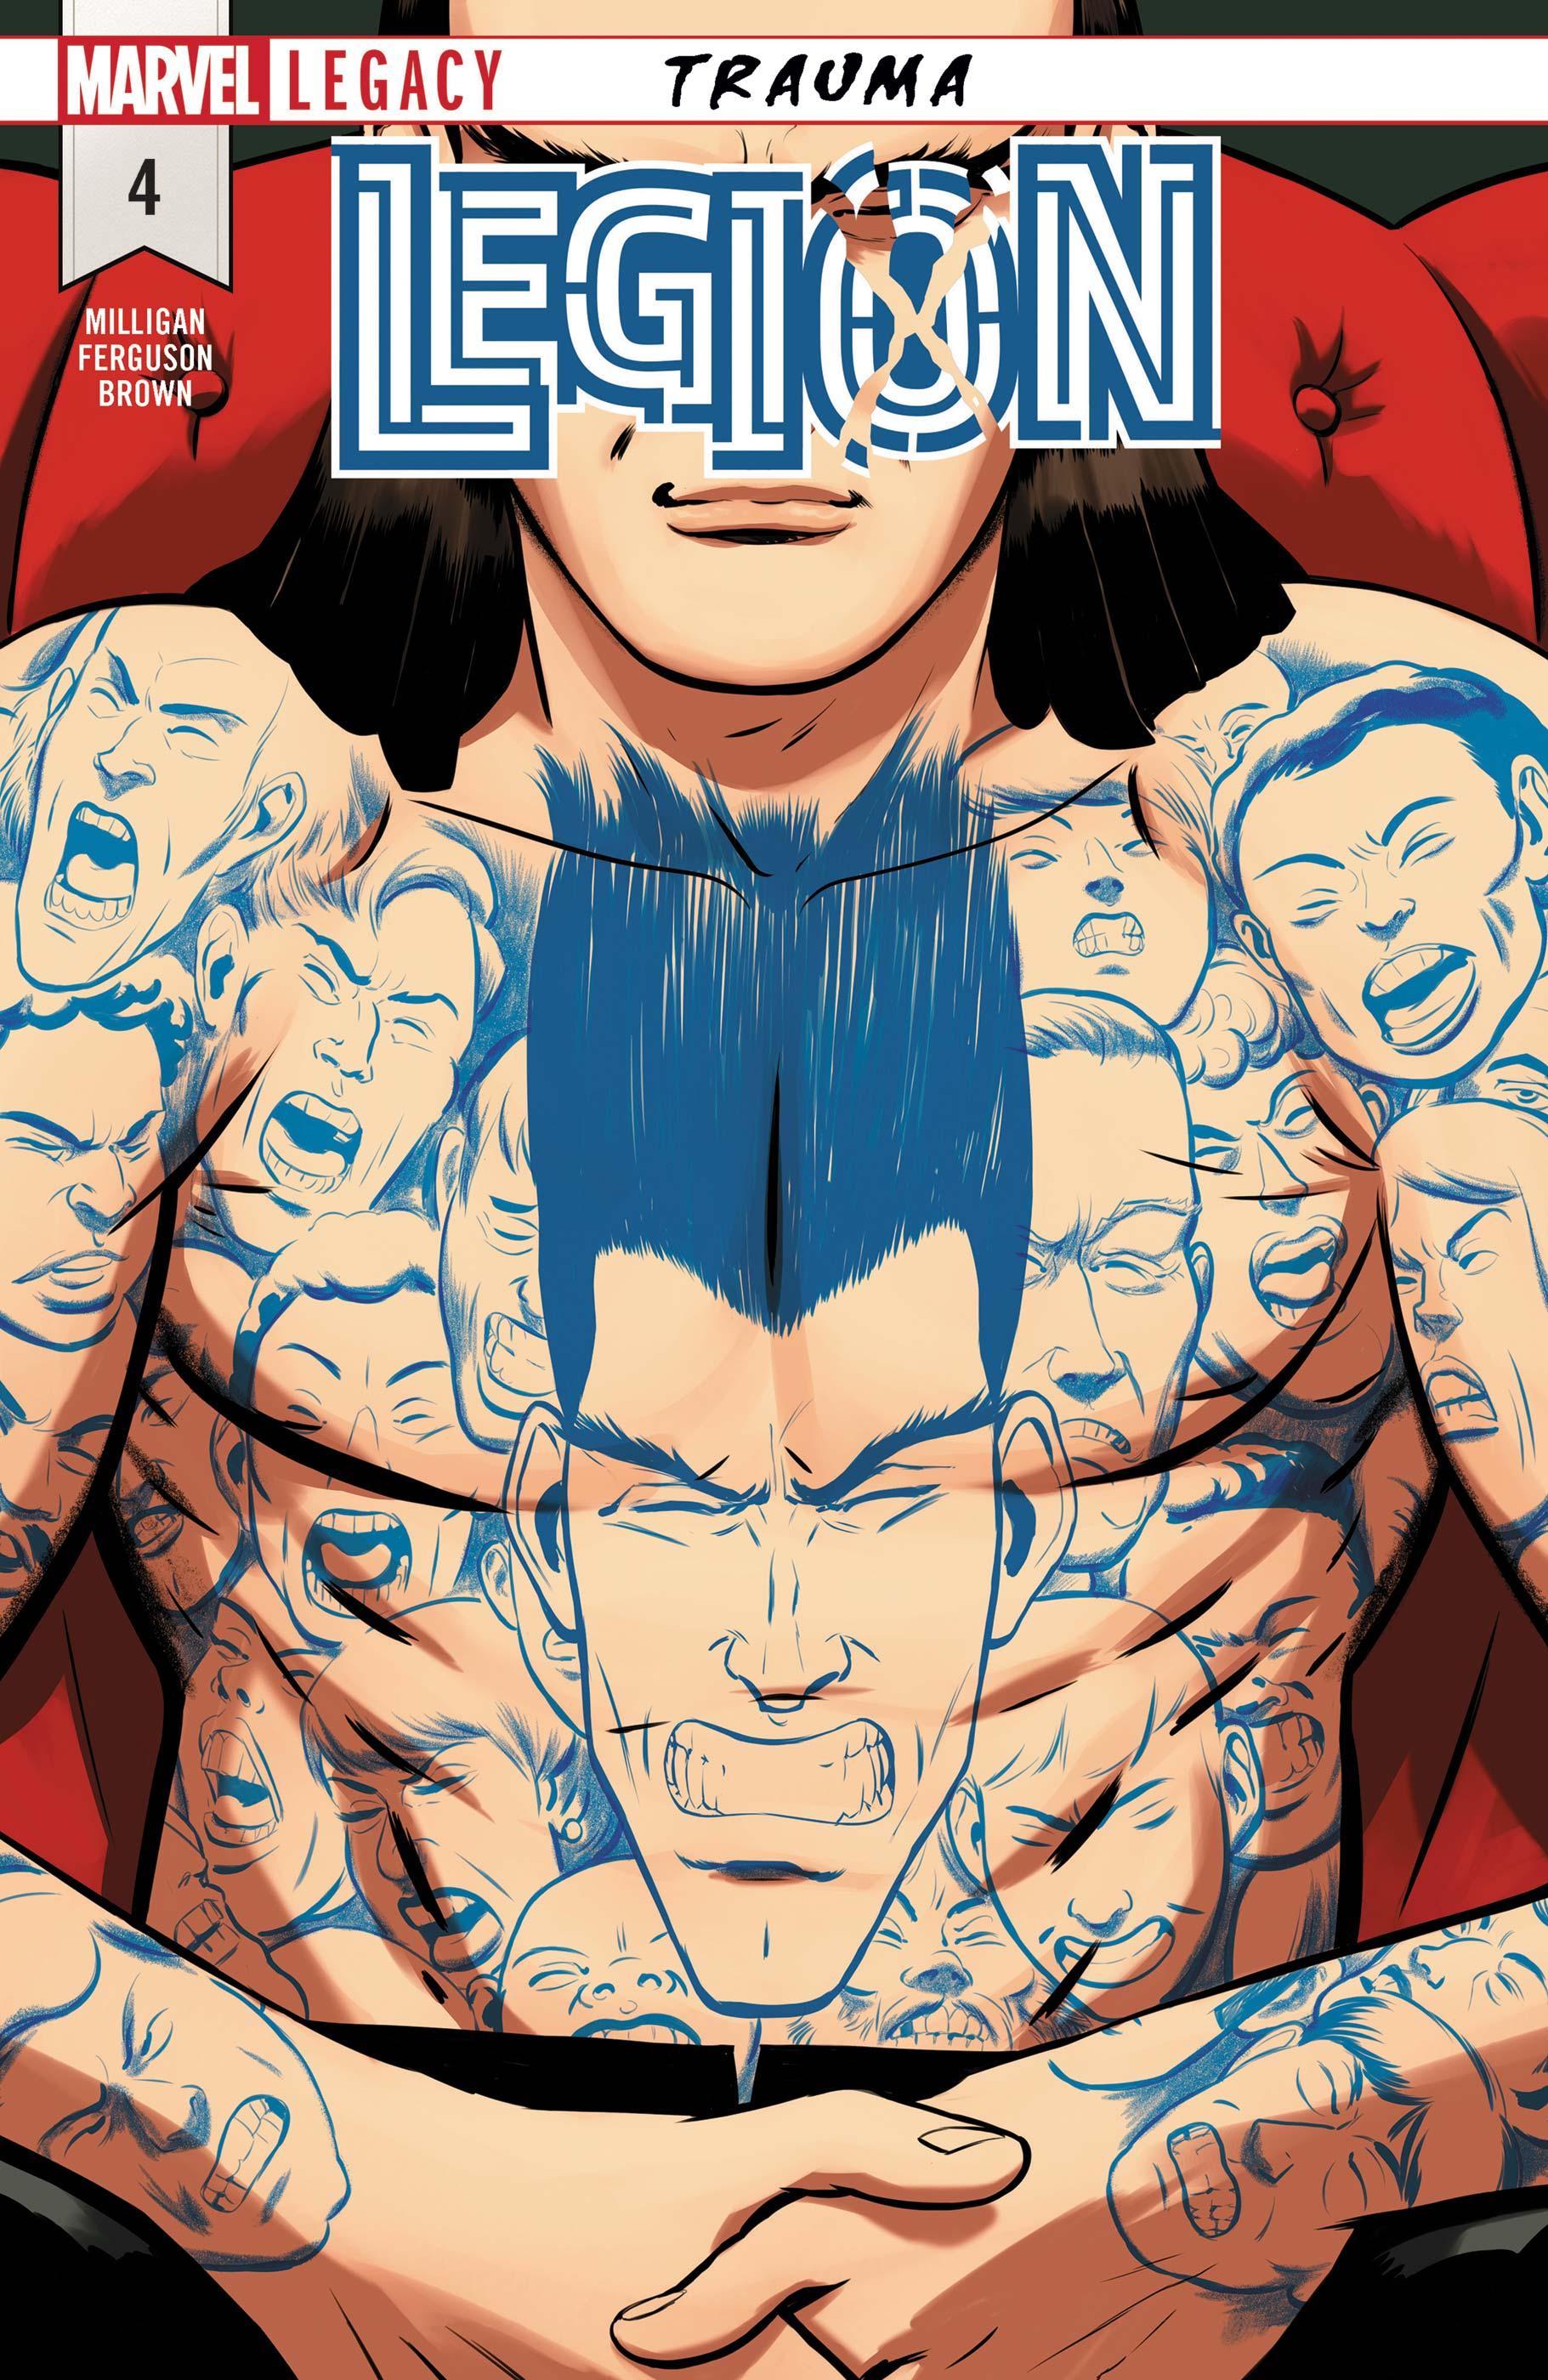 Legion (2018) #4